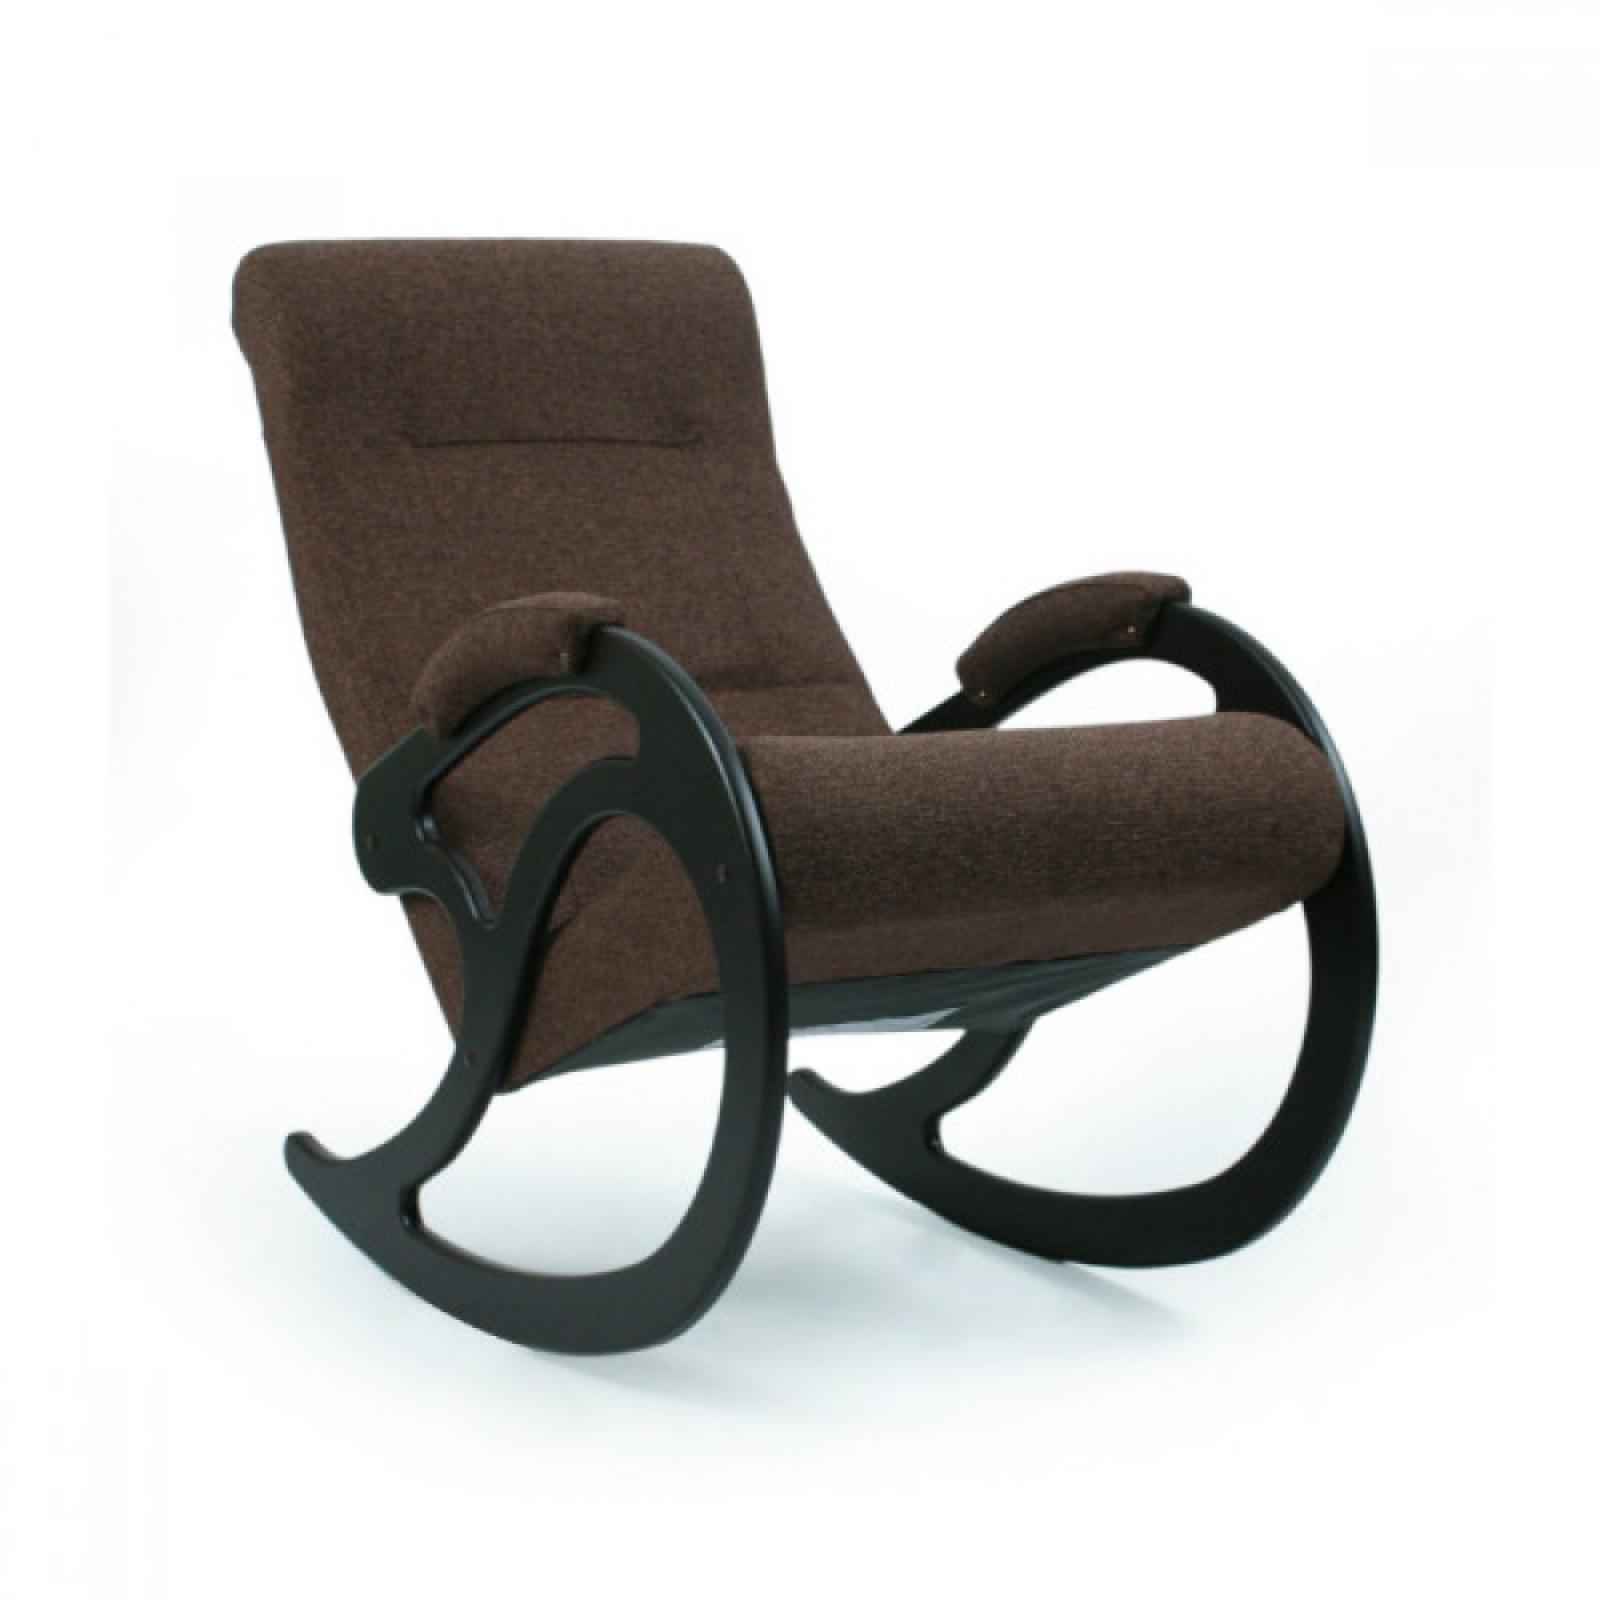 Кресло-качалка, Модель 5 Венге/Мальта 15 - 1